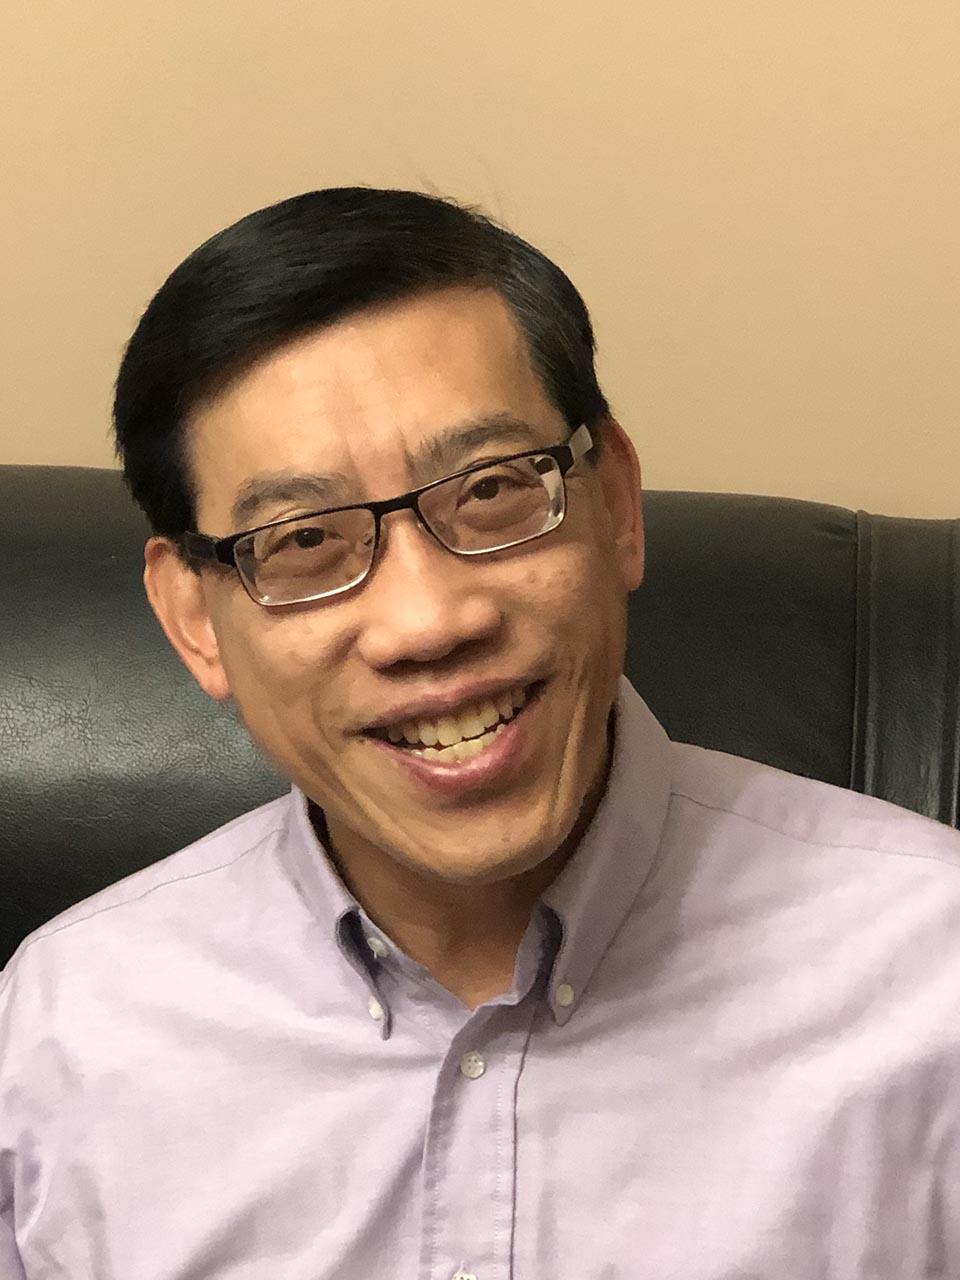 Rev. Dr. Timothy Quek